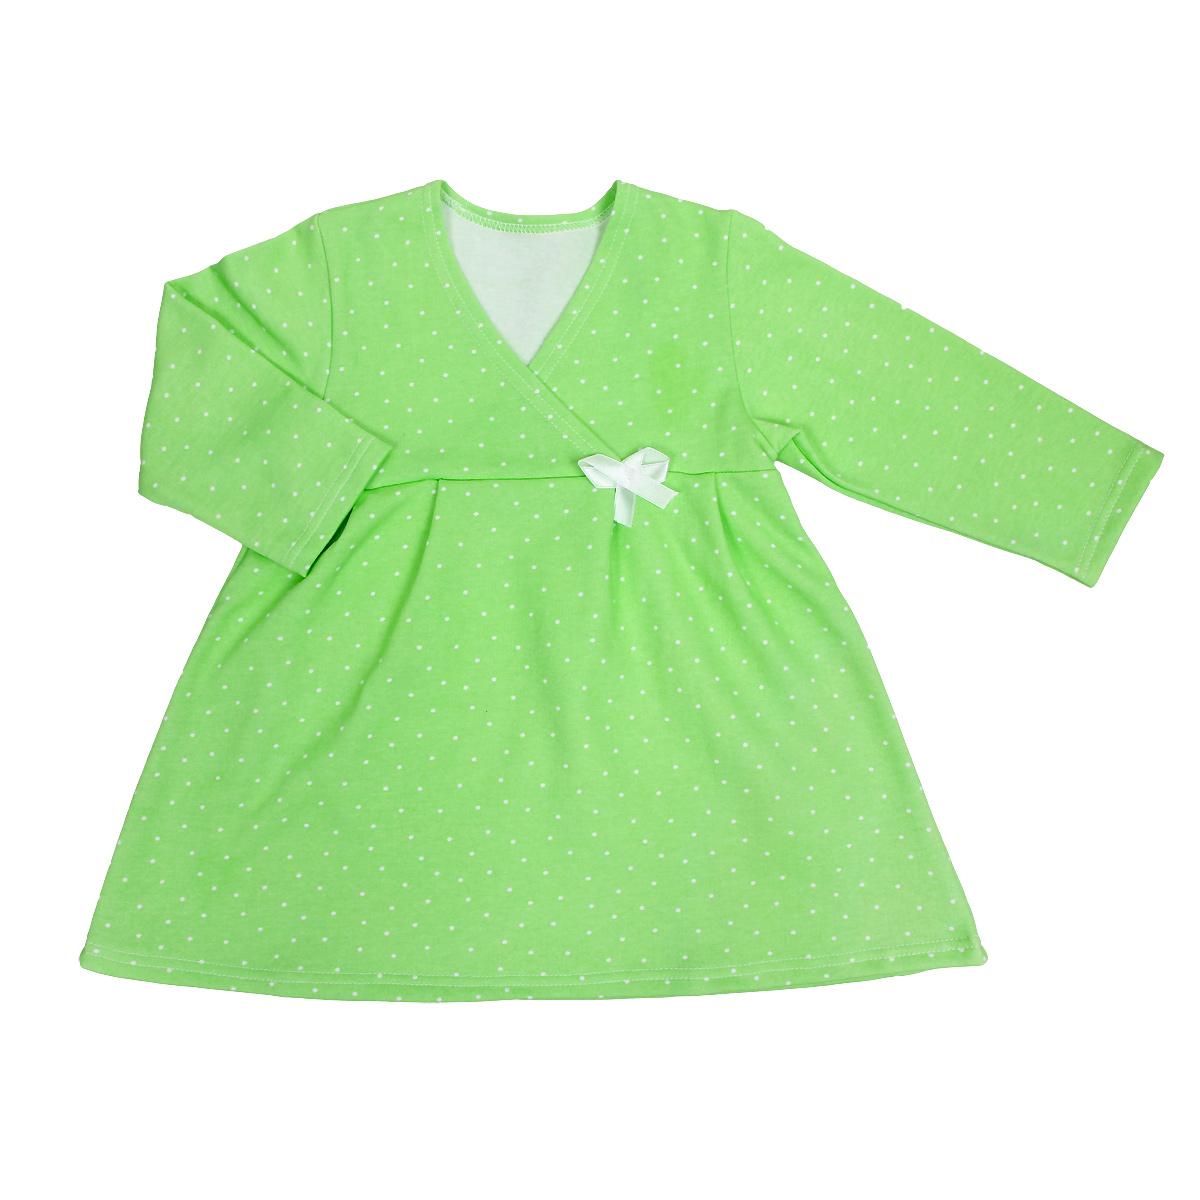 Сорочка ночная для девочки. 55225522Яркая сорочка Трон-плюс идеально подойдет вашей малышке и станет отличным дополнением к детскому гардеробу. Теплая сорочка, изготовленная из футера - натурального хлопка, необычайно мягкая и легкая, не сковывает движения ребенка, позволяет коже дышать и не раздражает даже самую нежную и чувствительную кожу малыша. Сорочка трапециевидного кроя с длинными рукавами, V-образным вырезом горловины. Полочка состоит из двух частей, заходящих друг на друга. По переднему и заднему полотнищам юбки заложены небольшие складки. Сорочка оформлена атласным бантиком. В такой сорочке ваш ребенок будет чувствовать себя комфортно и уютно во время сна.